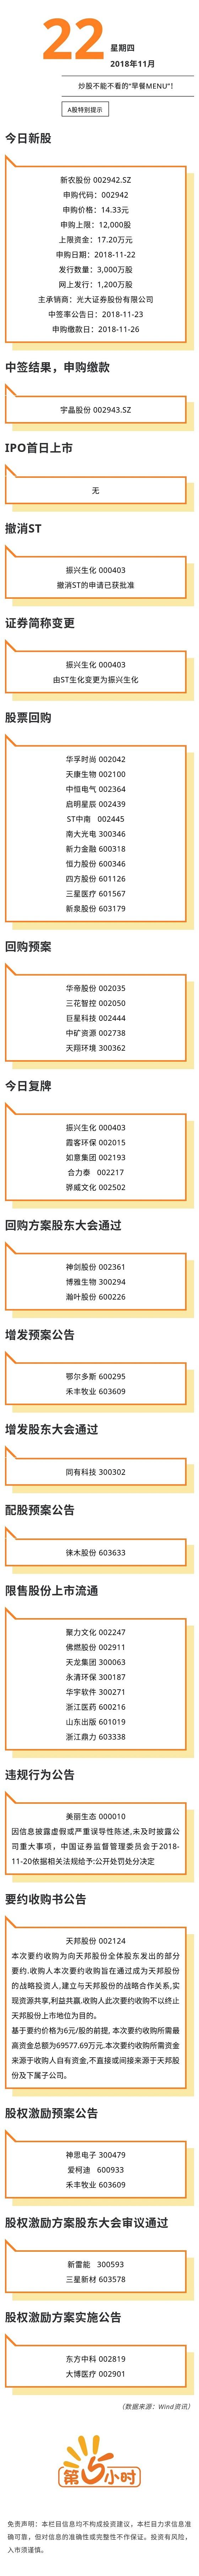 A股特别提示(2018-11-22).jpg